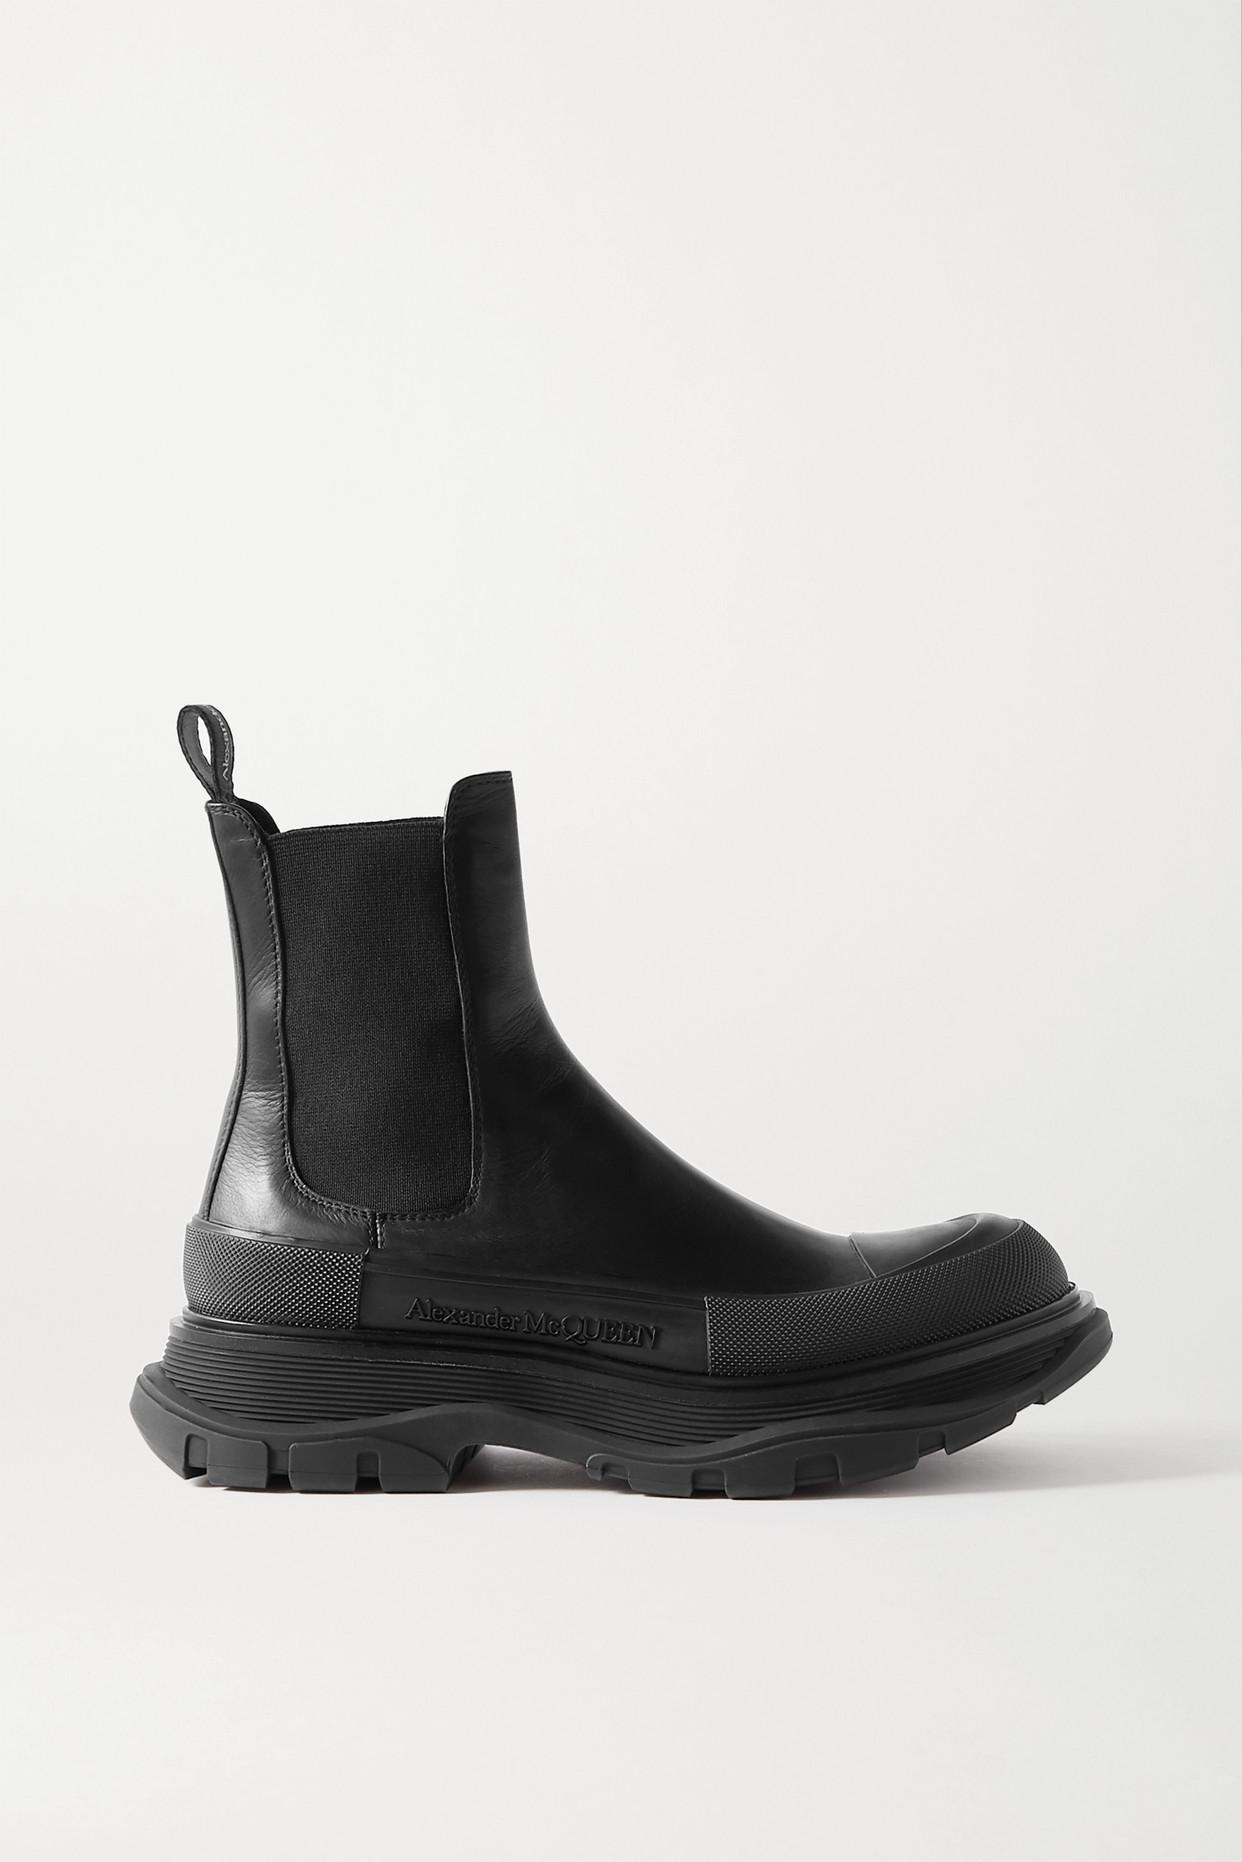 ALEXANDER MCQUEEN - 皮革厚底切尔西靴 - 黑色 - IT39